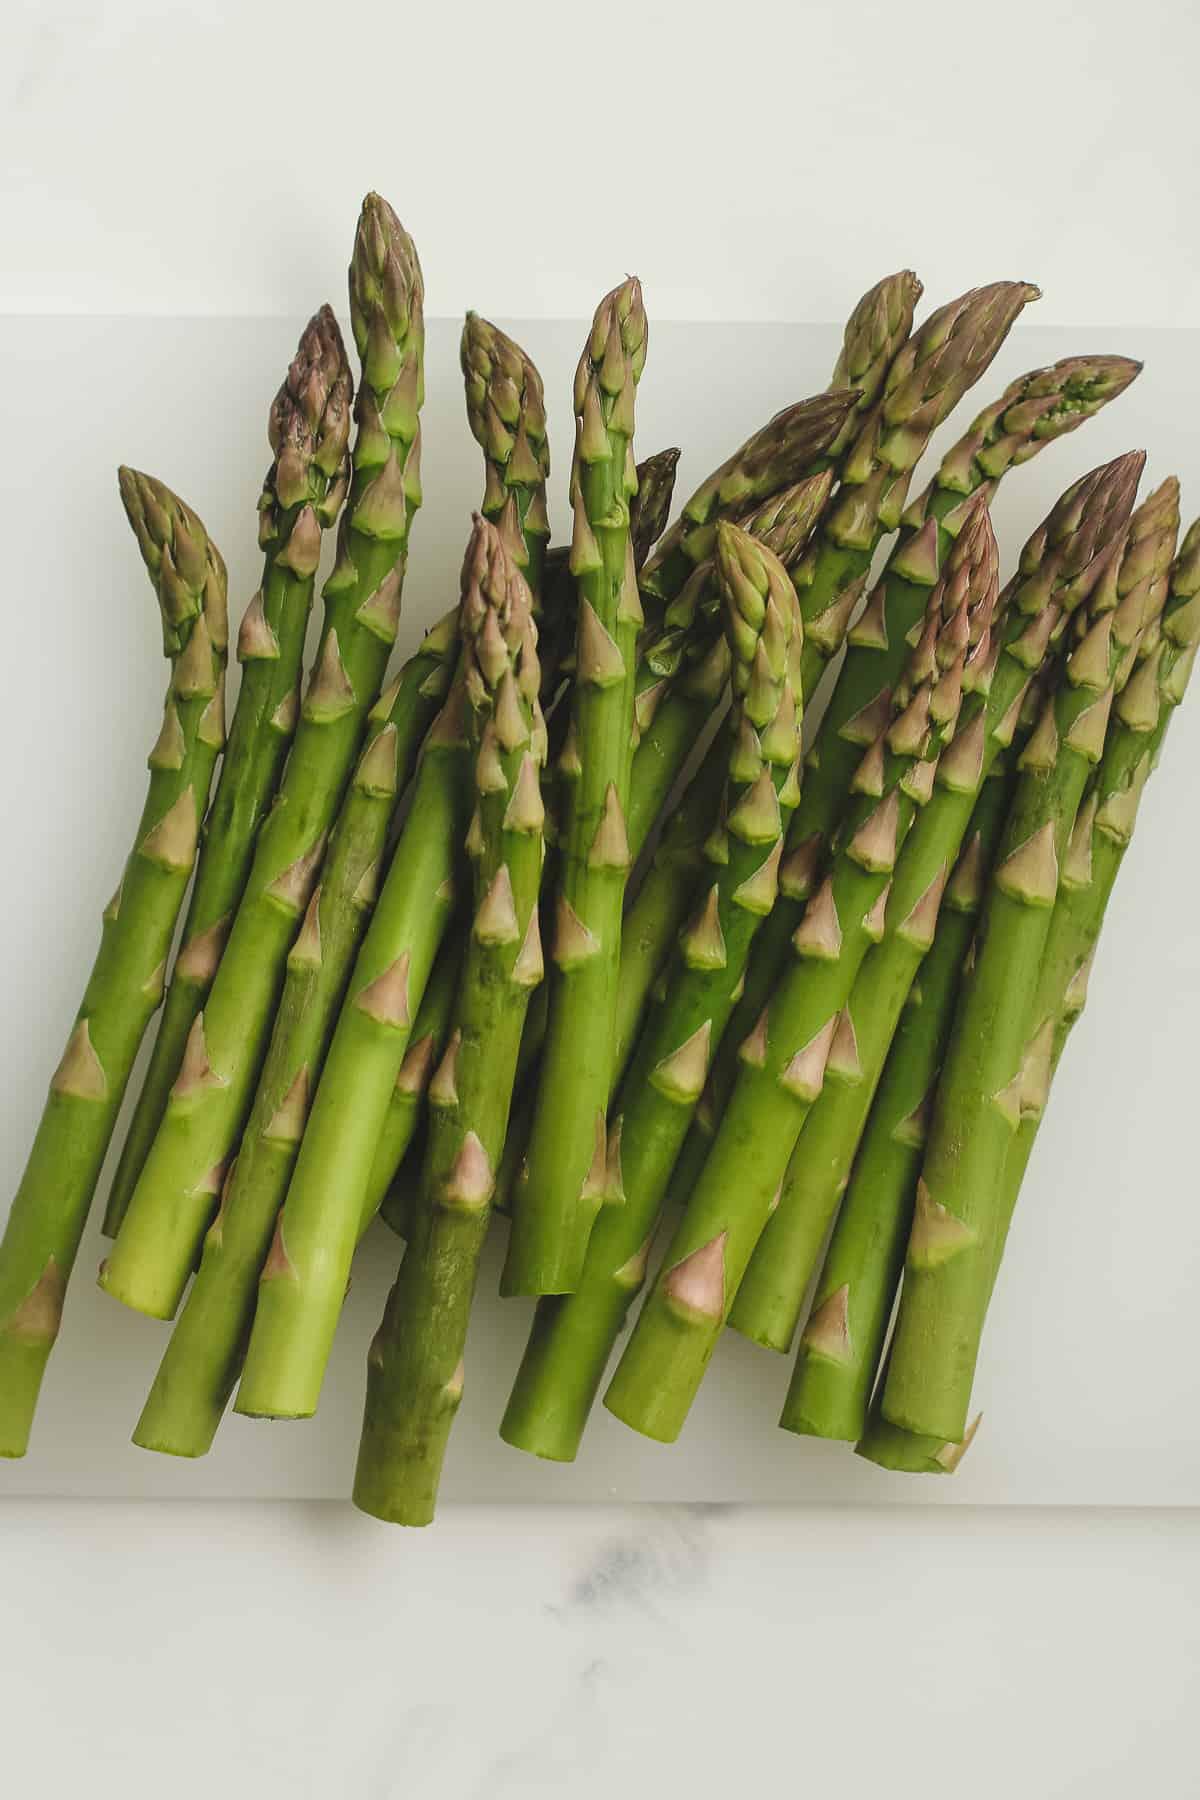 Fresh asparagus stalks.